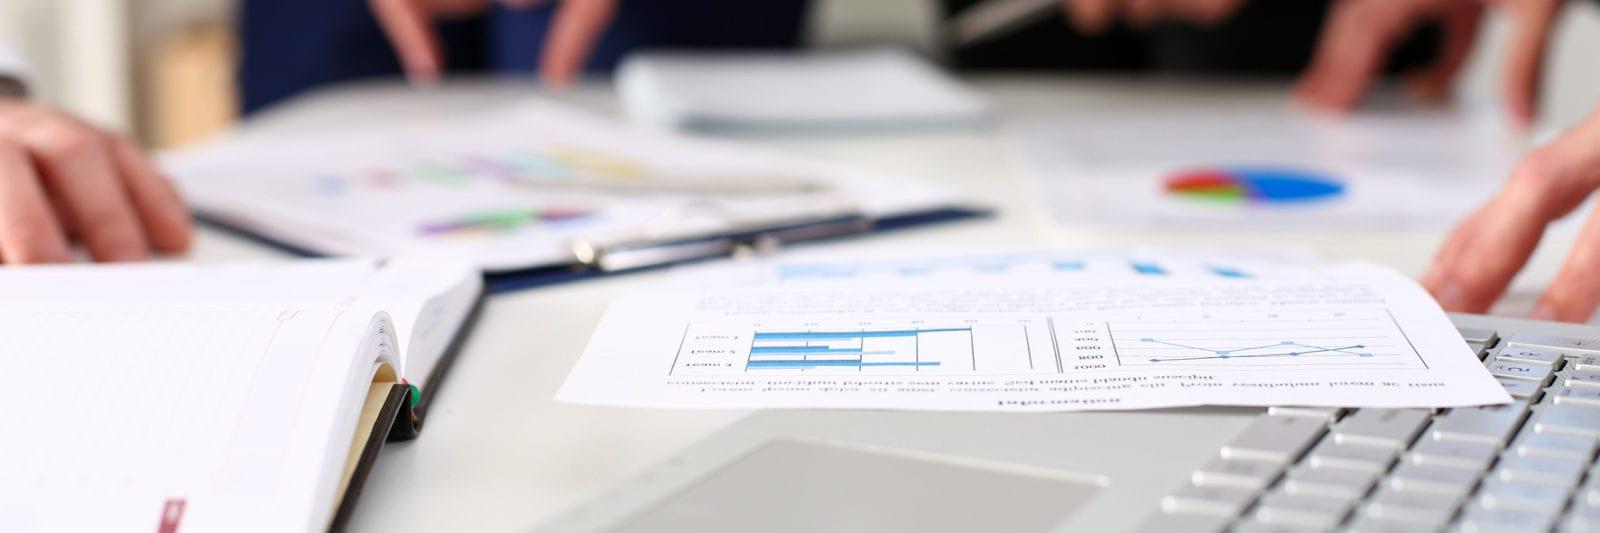 wealth-management-services-icc